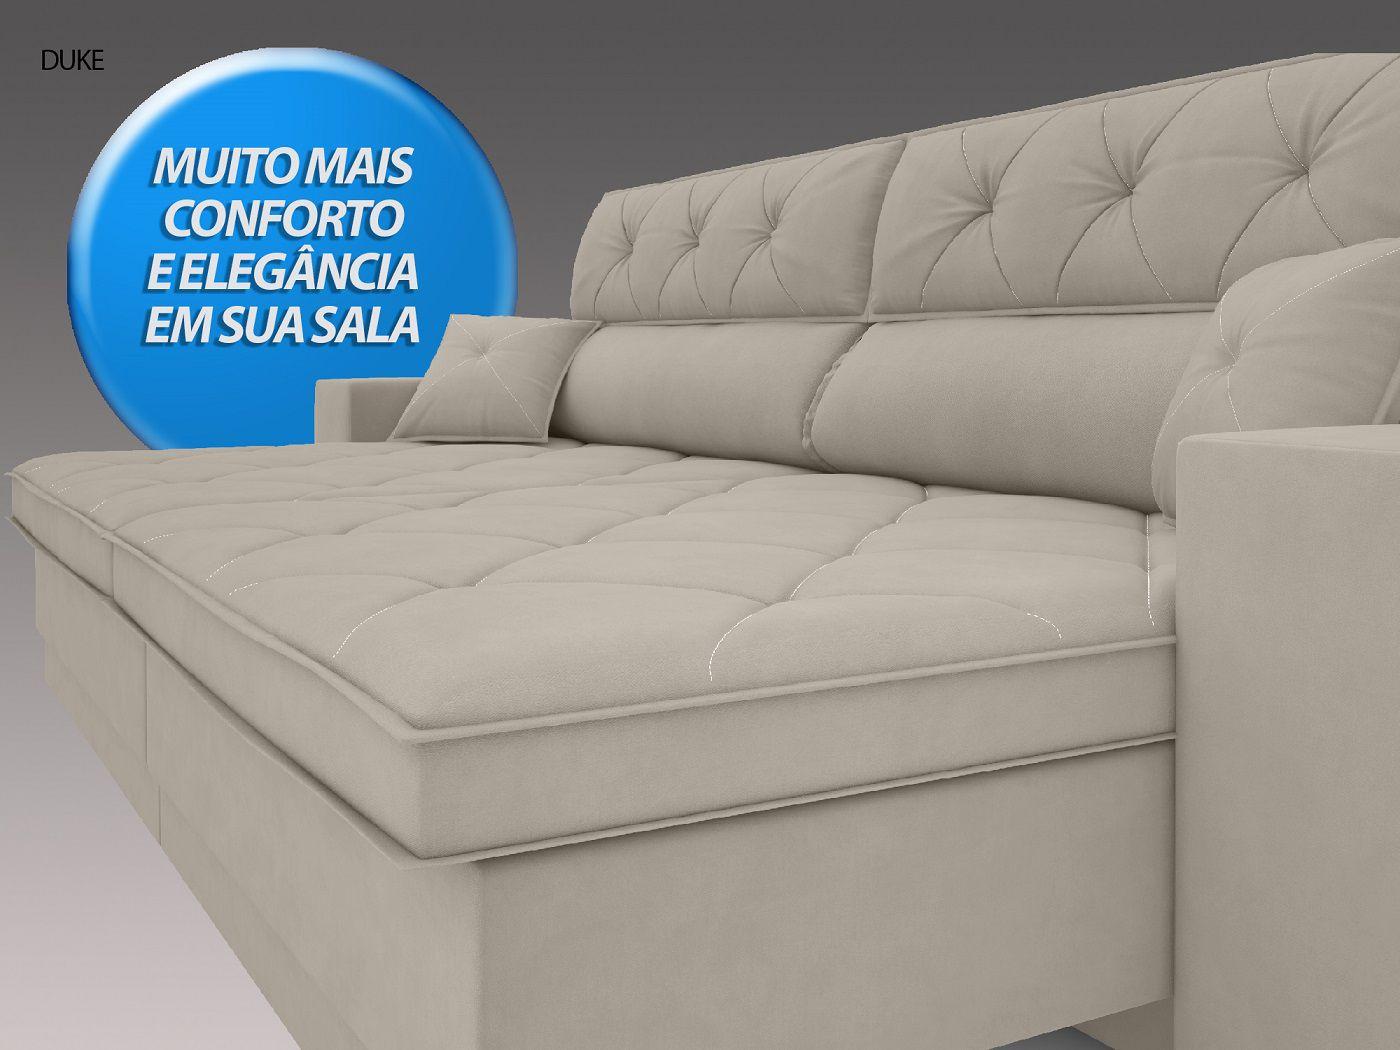 Sofá Duke 2,30m Retrátil e Reclinável Velosuede Areia - NETSOFAS